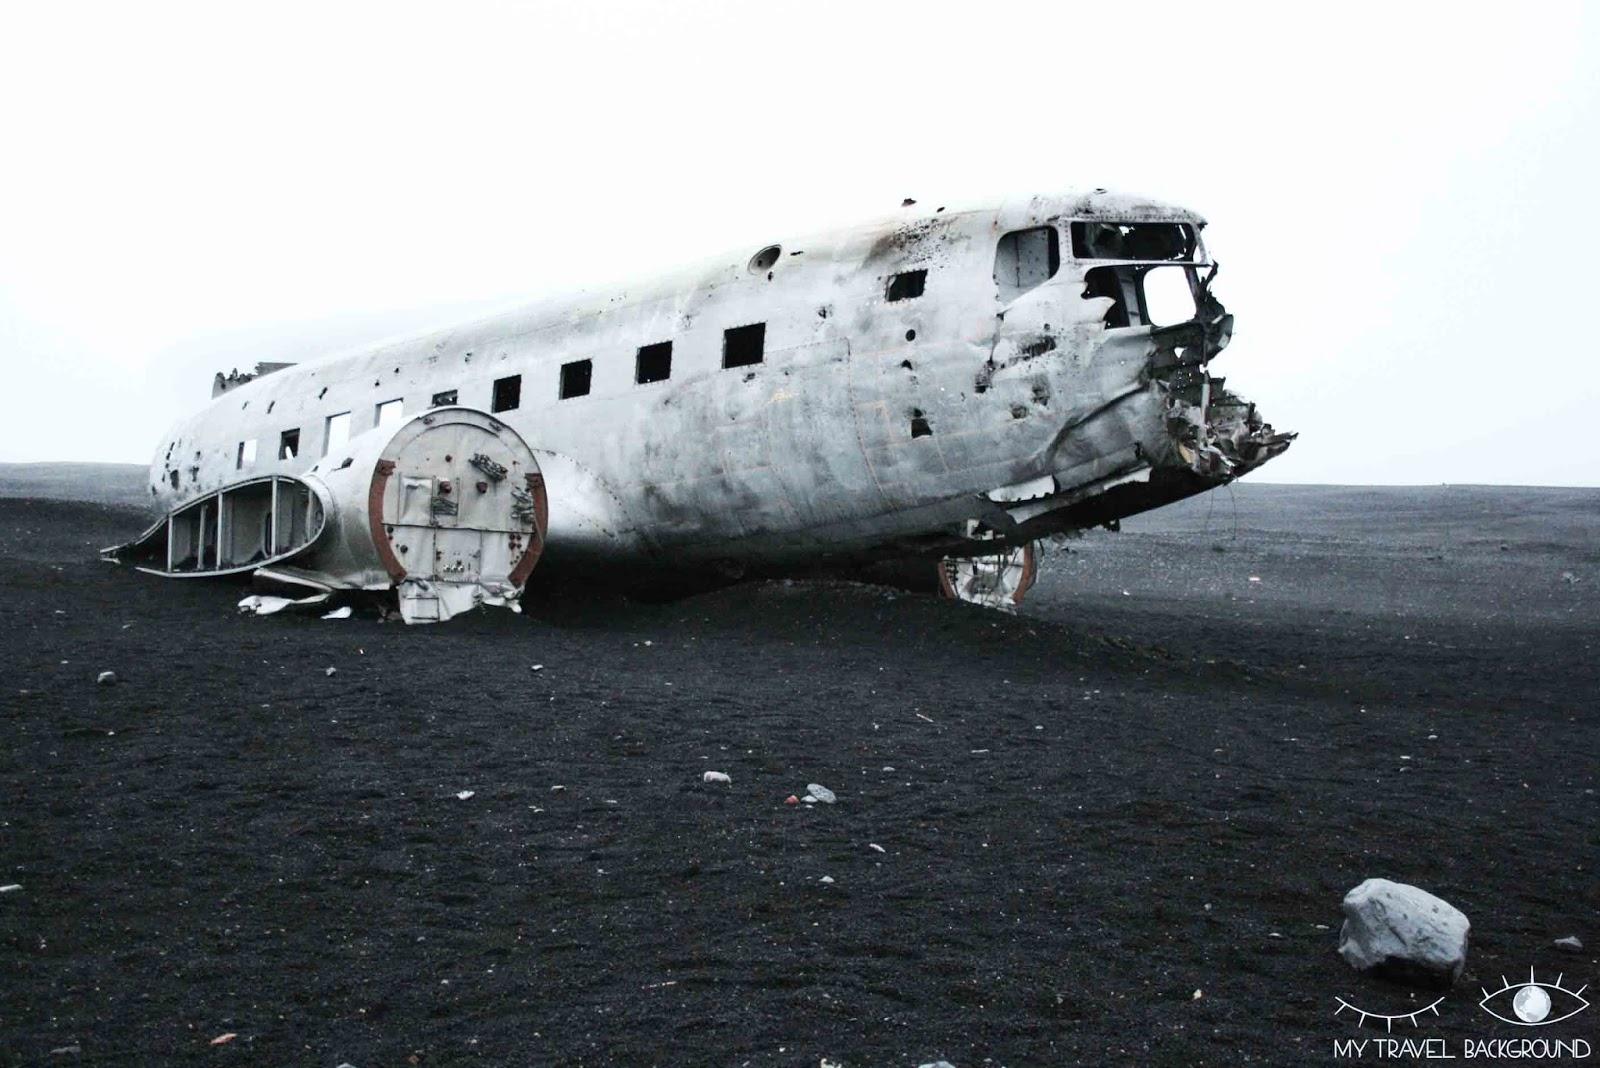 My Travel Background : où trouver l'avion abandonnée dans le désert islandais? Islande avion DC-3 américain